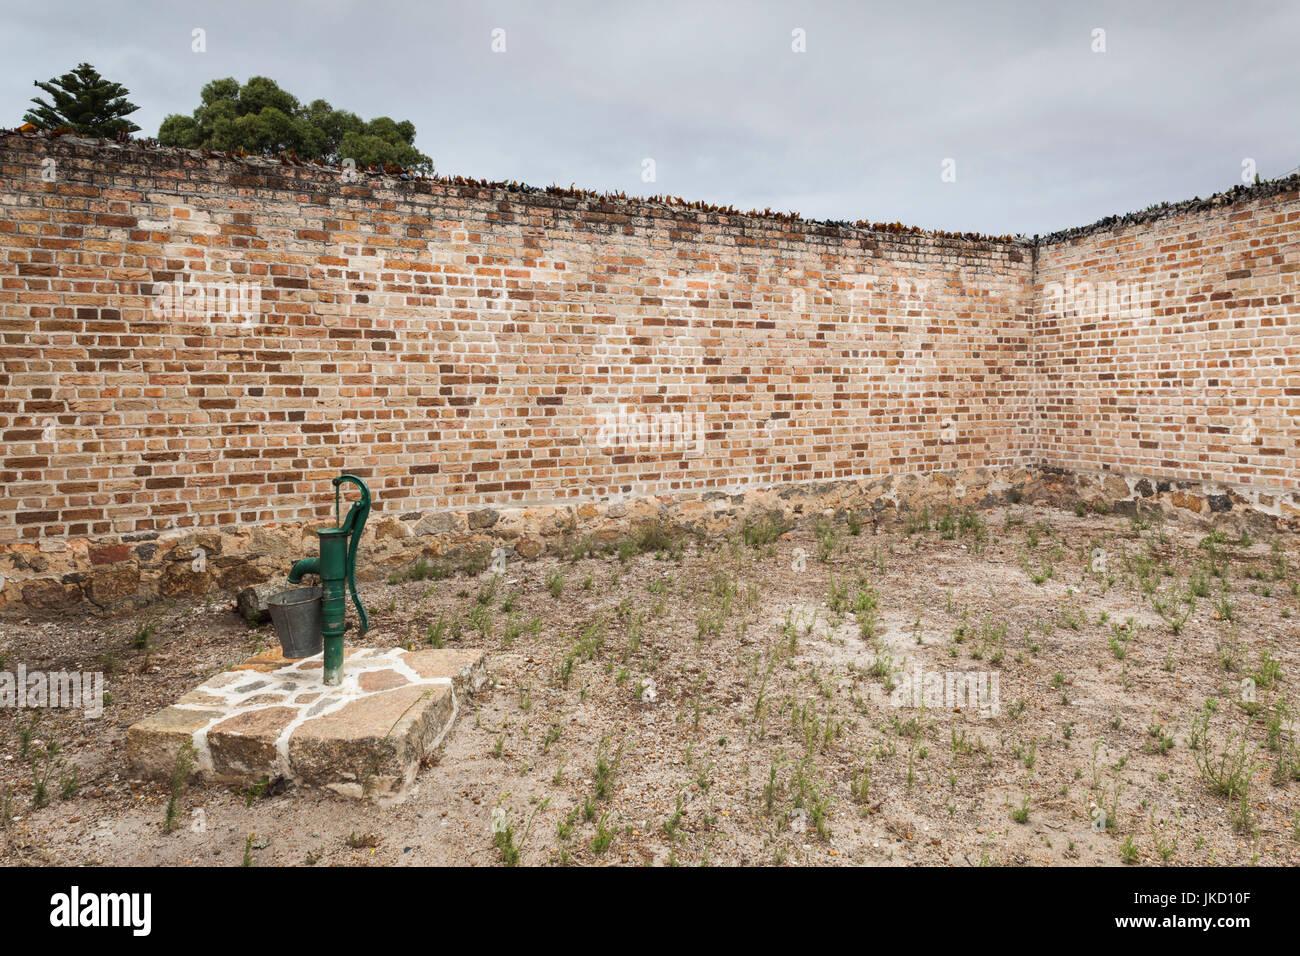 Australia, Western Australia, The Southwest, Albany, Historic Albany Gaol, jailhouse, excercise yard - Stock Image